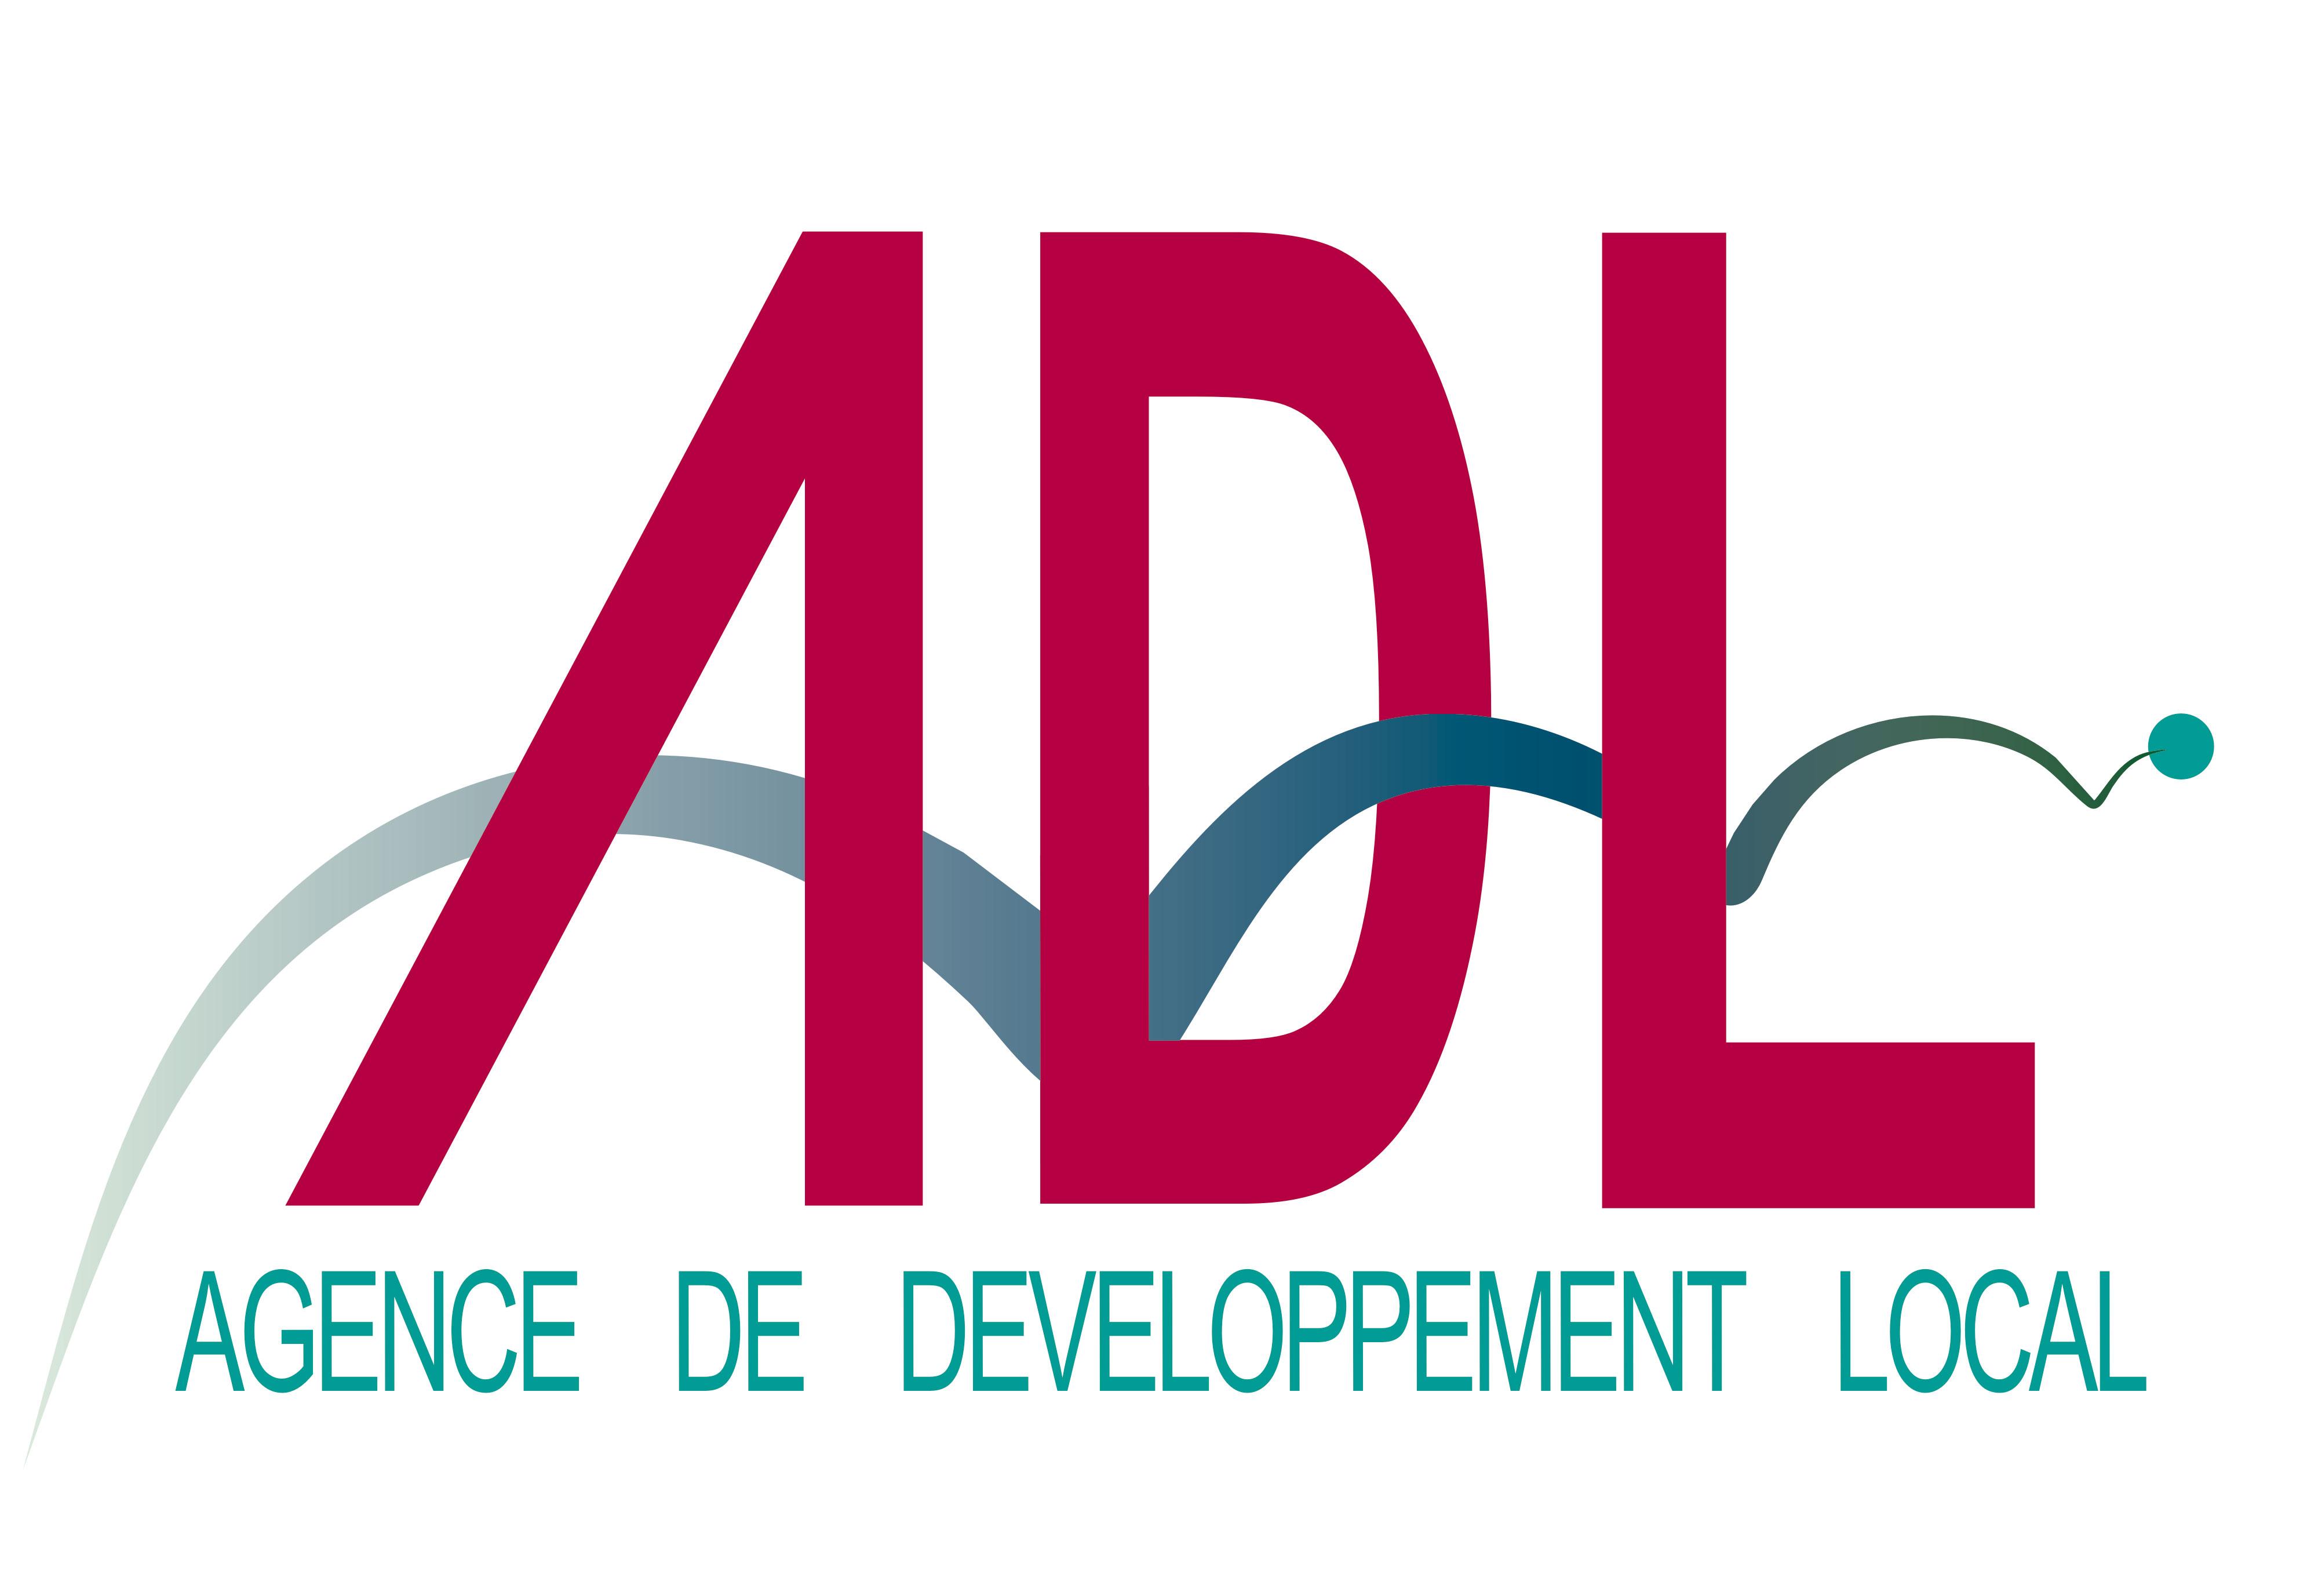 Présentation du service de développement local